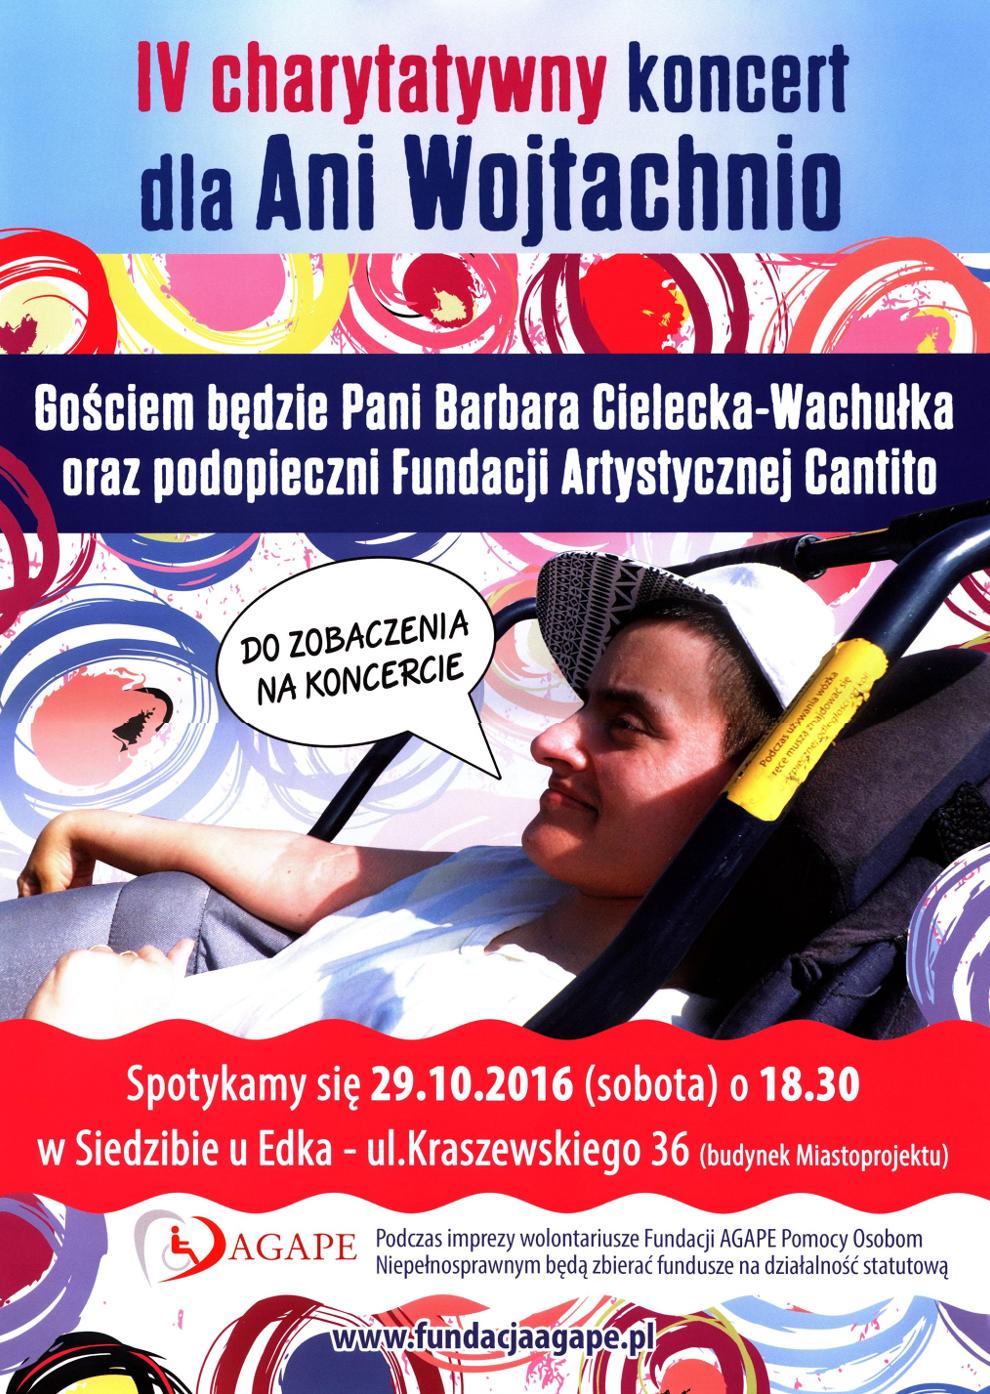 Plakat zapraszający na koncert